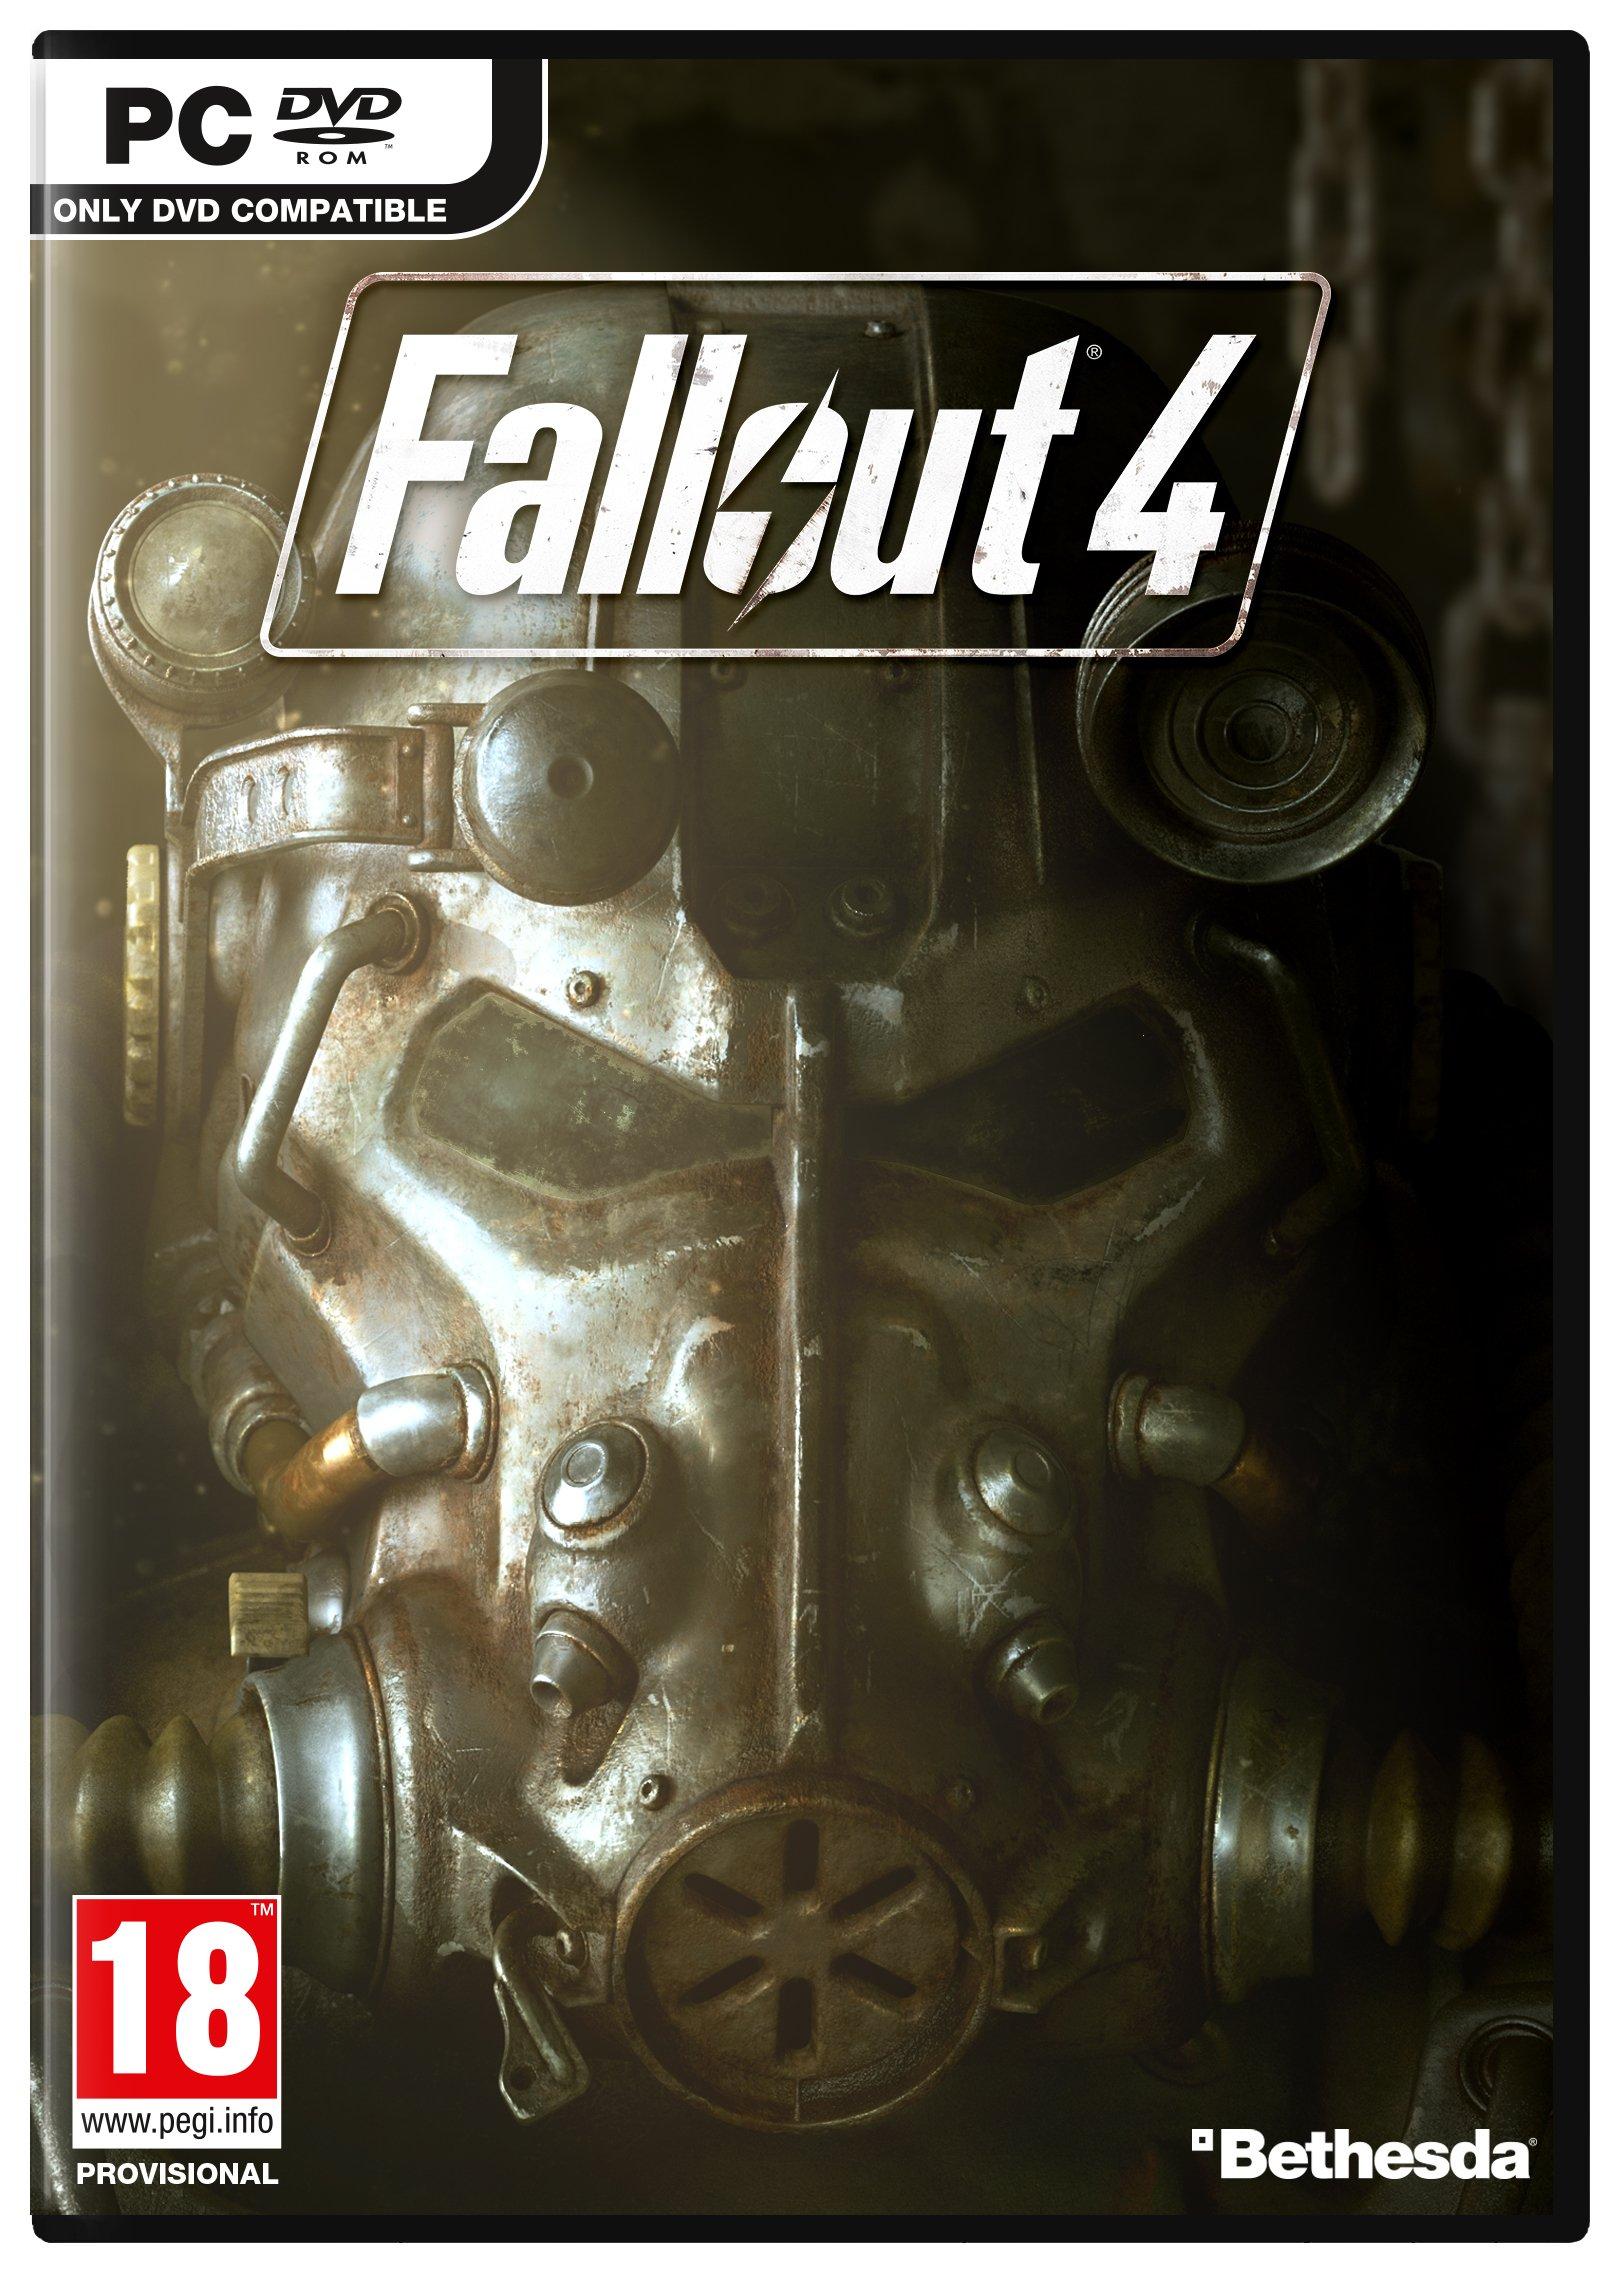 Fallout 4 - PC.